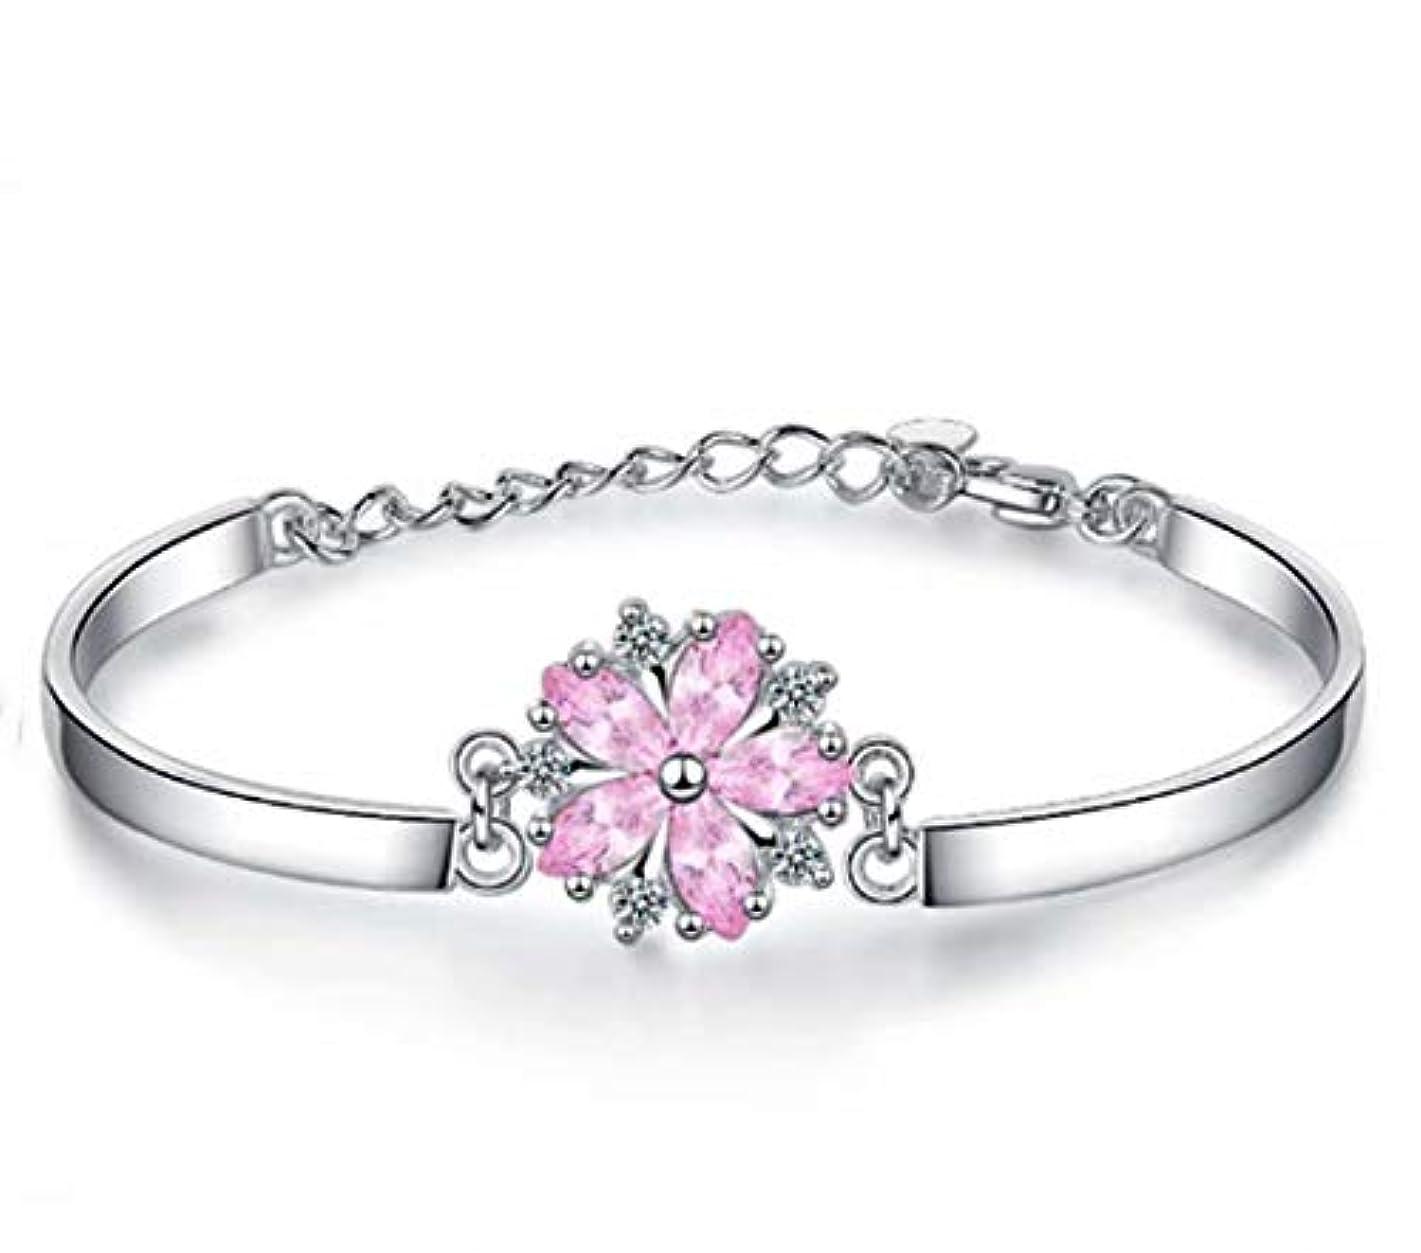 スタイル立ち向かうぶら下がる七里の香 サクラブレスレットレディース フラワー 桜の花 ピンク腕輪 バングル 花びら ギフト 長さ調整可